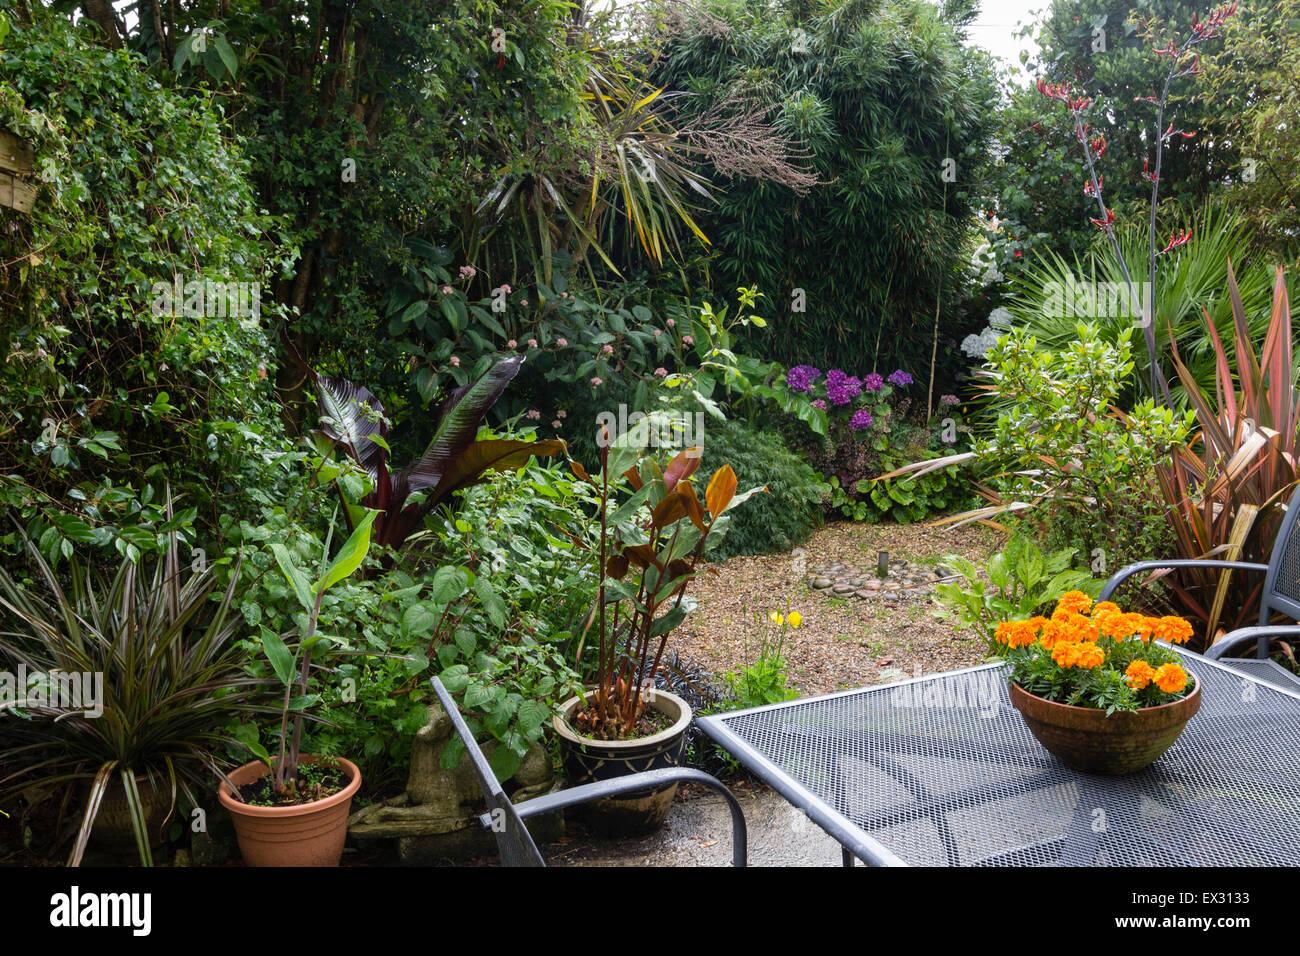 Themed Garden Stock Photos & Themed Garden Stock Images - Alamy